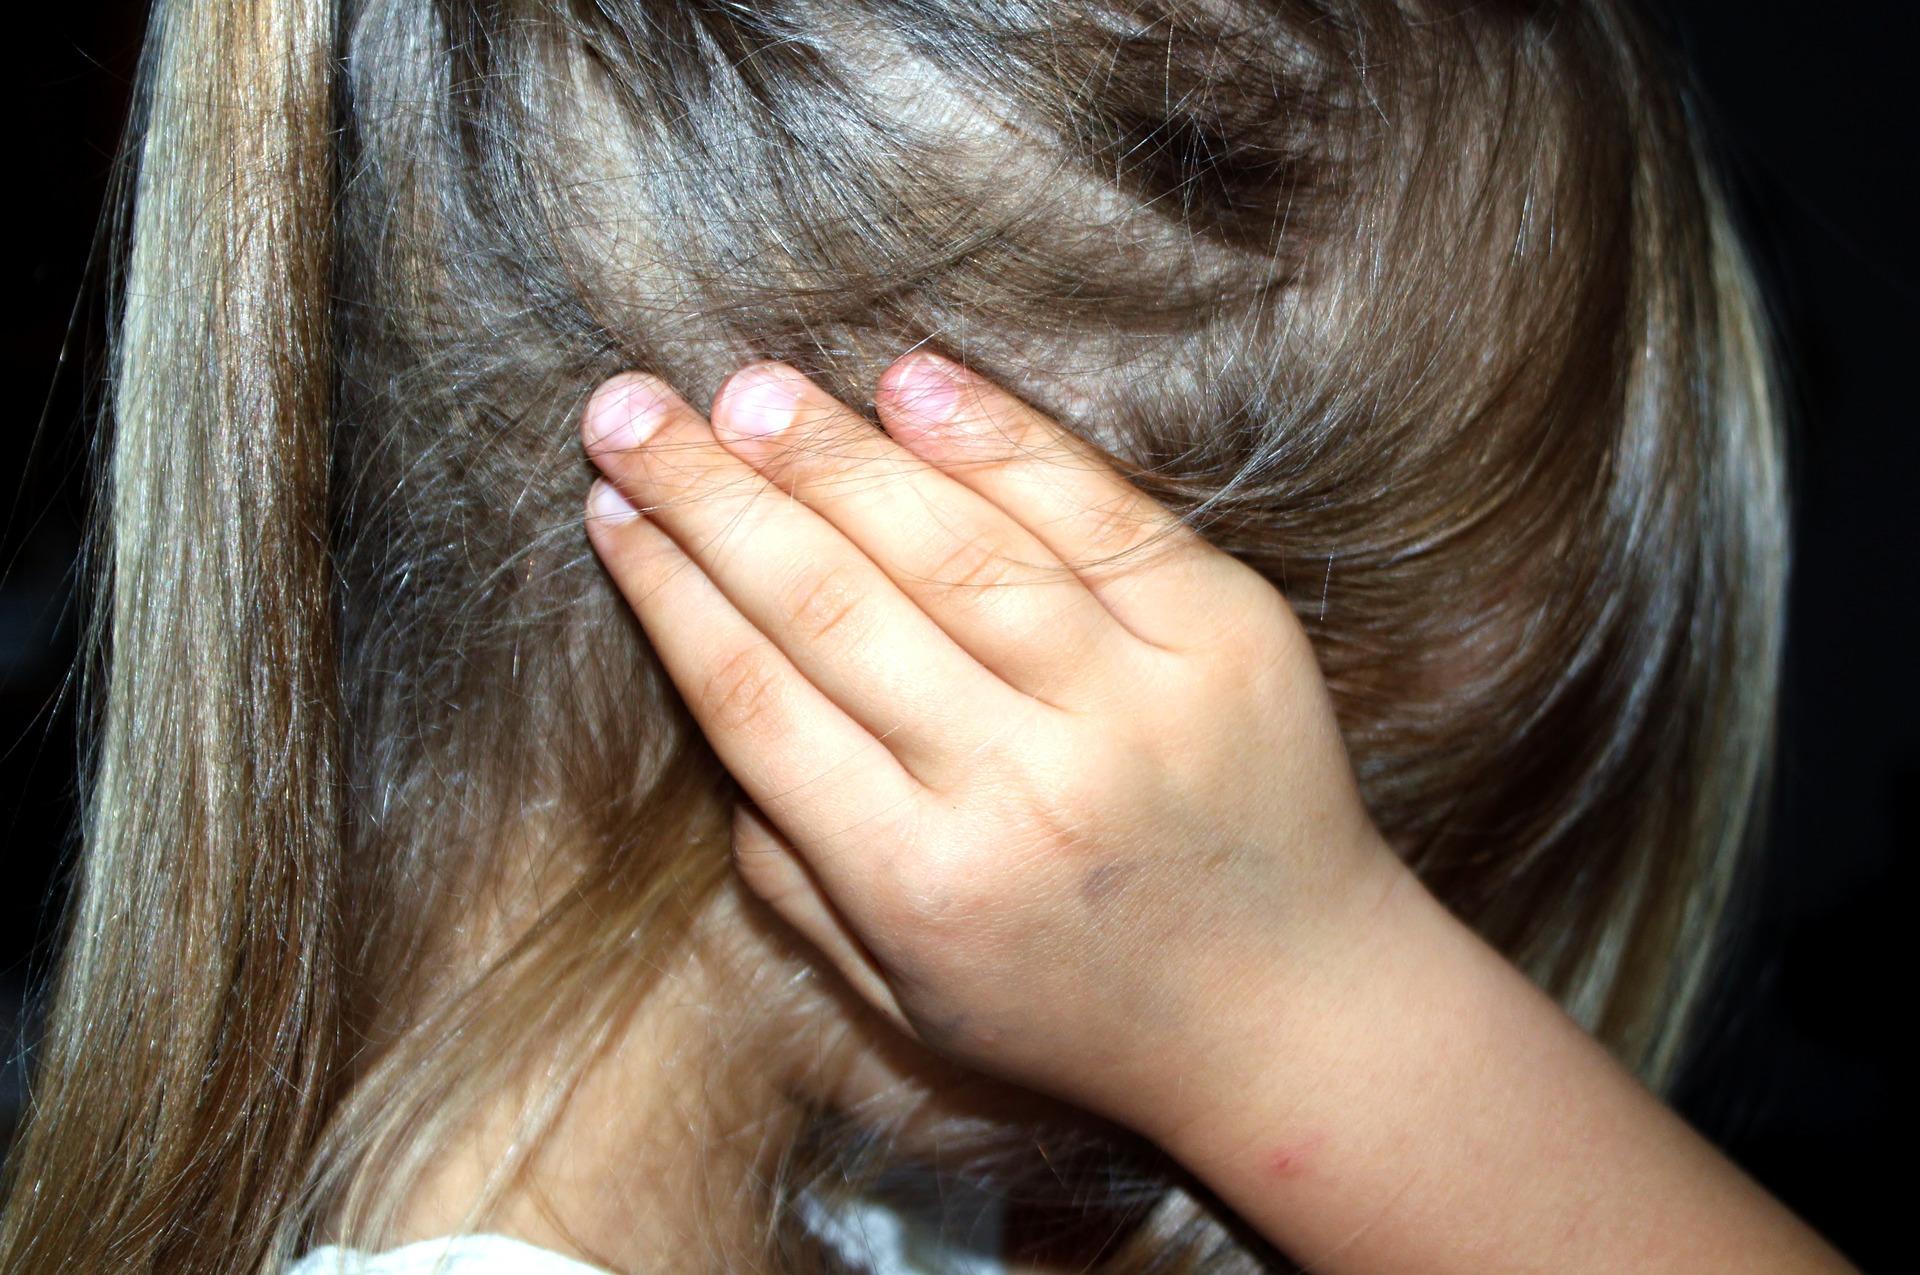 child-1439468_1920 (1).jpg